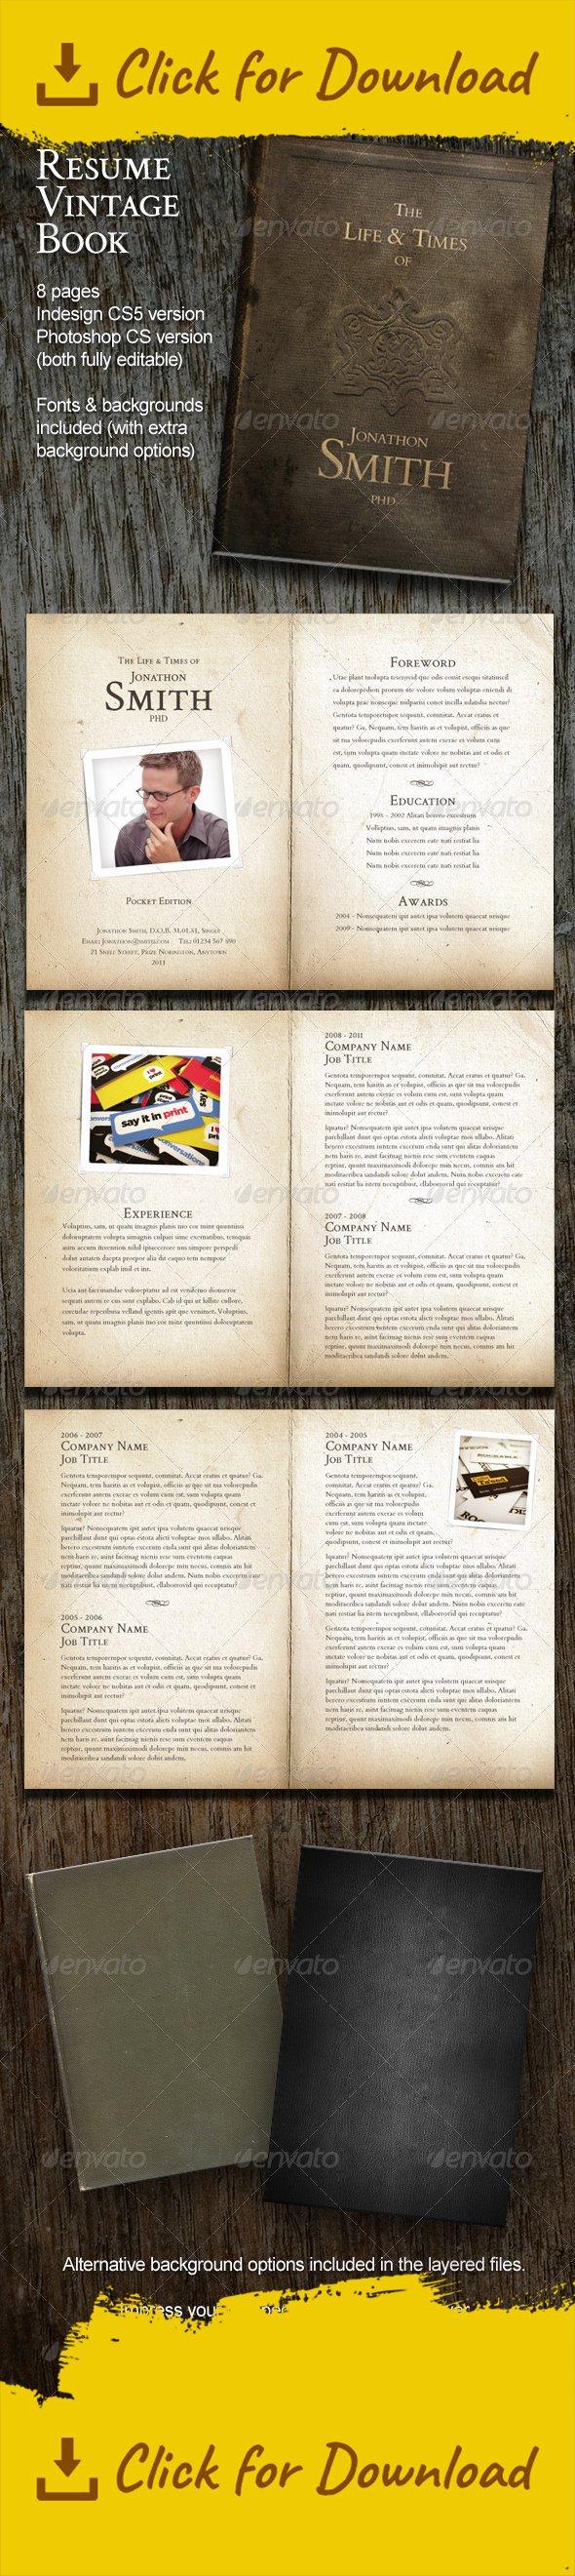 Resume Vintage Book (8 Pages) | Vintage books